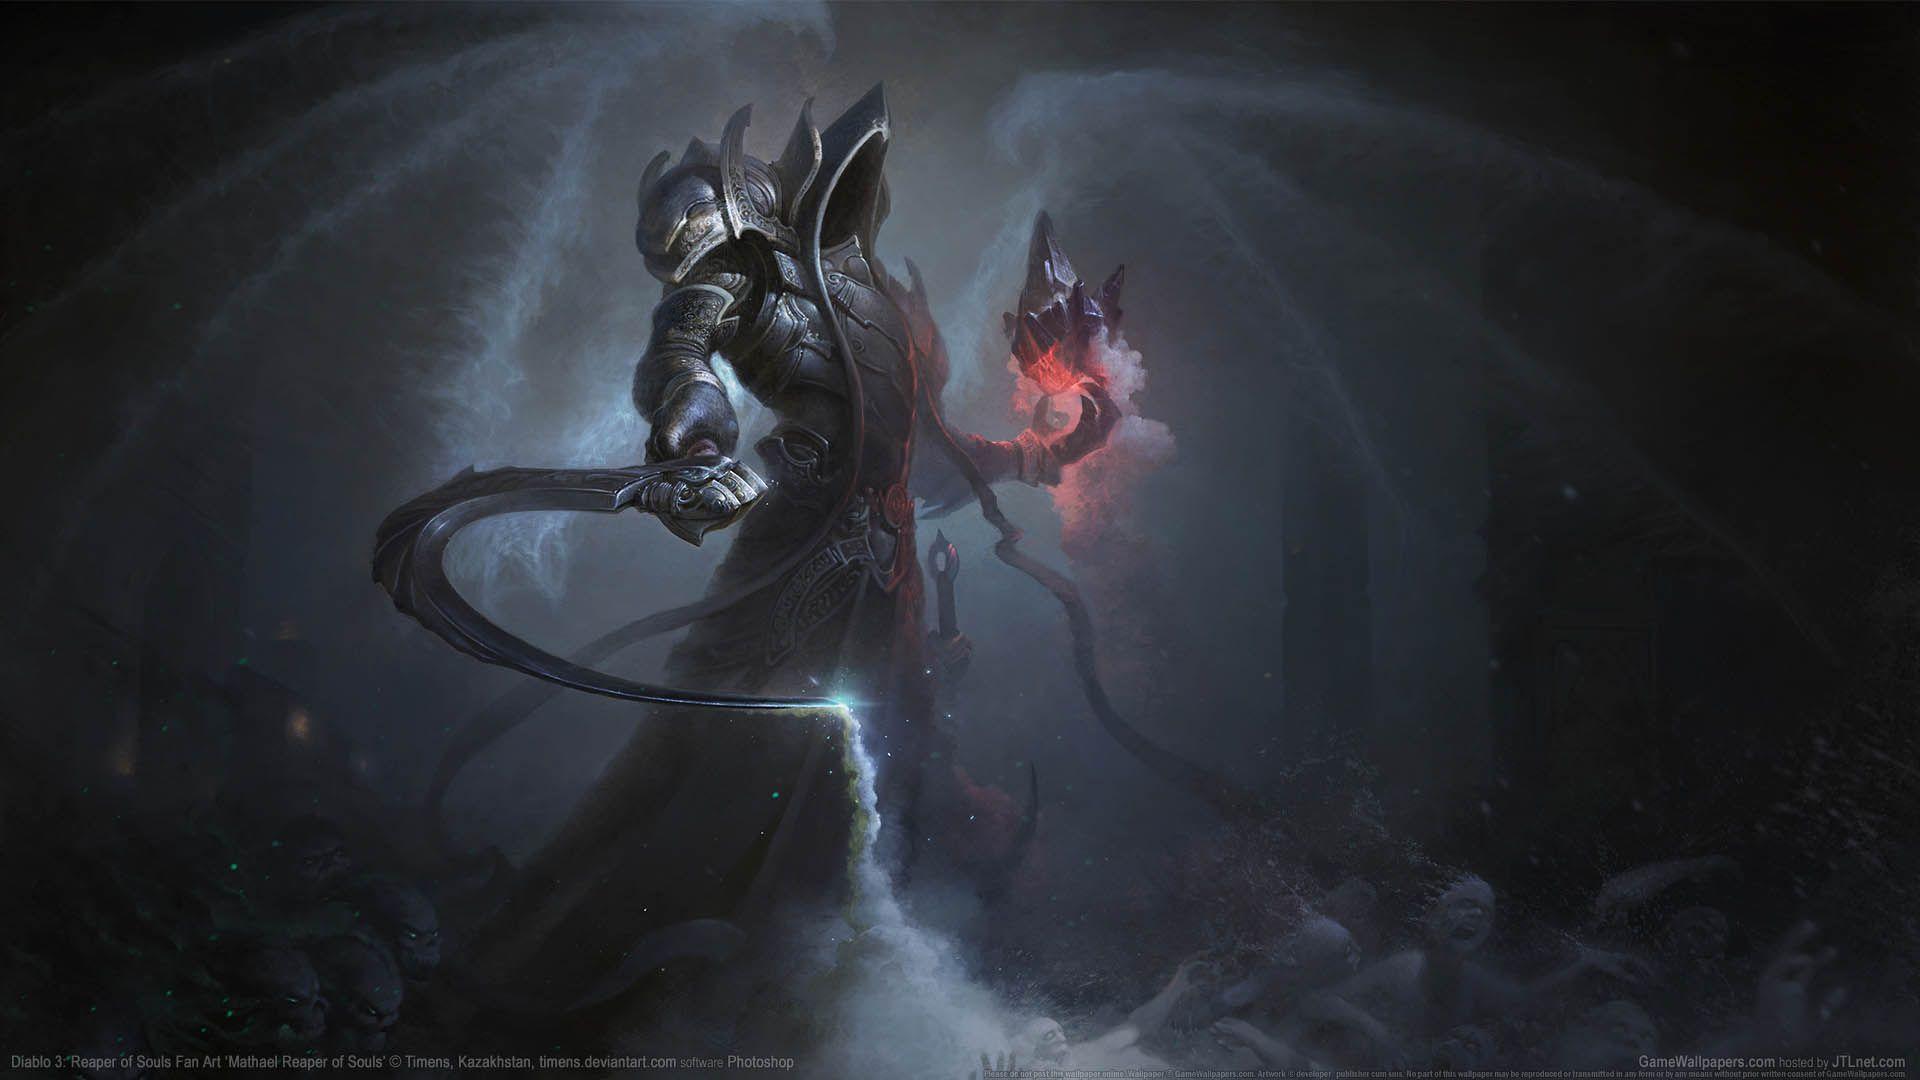 Diablo 3 Reaper Of Souls Fan Art Wallpaper 11 1920x1080 Fantasy